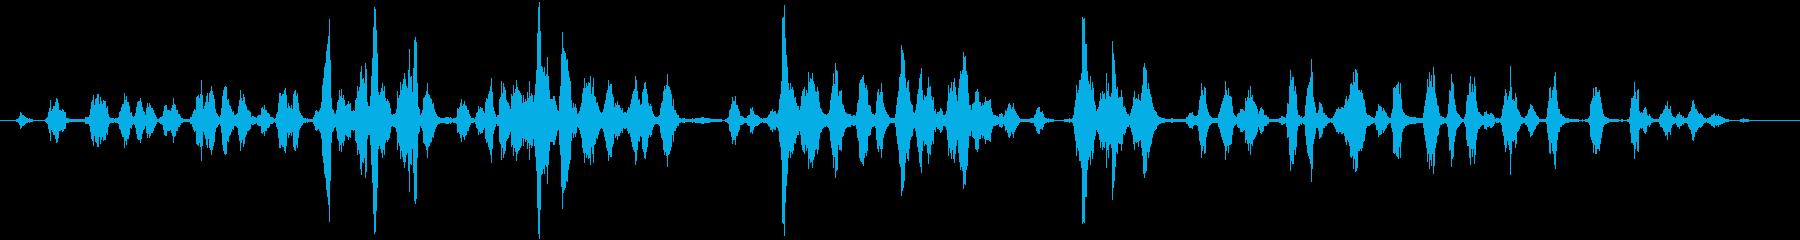 アウトドアドッグケンネル:ドッグバ...の再生済みの波形